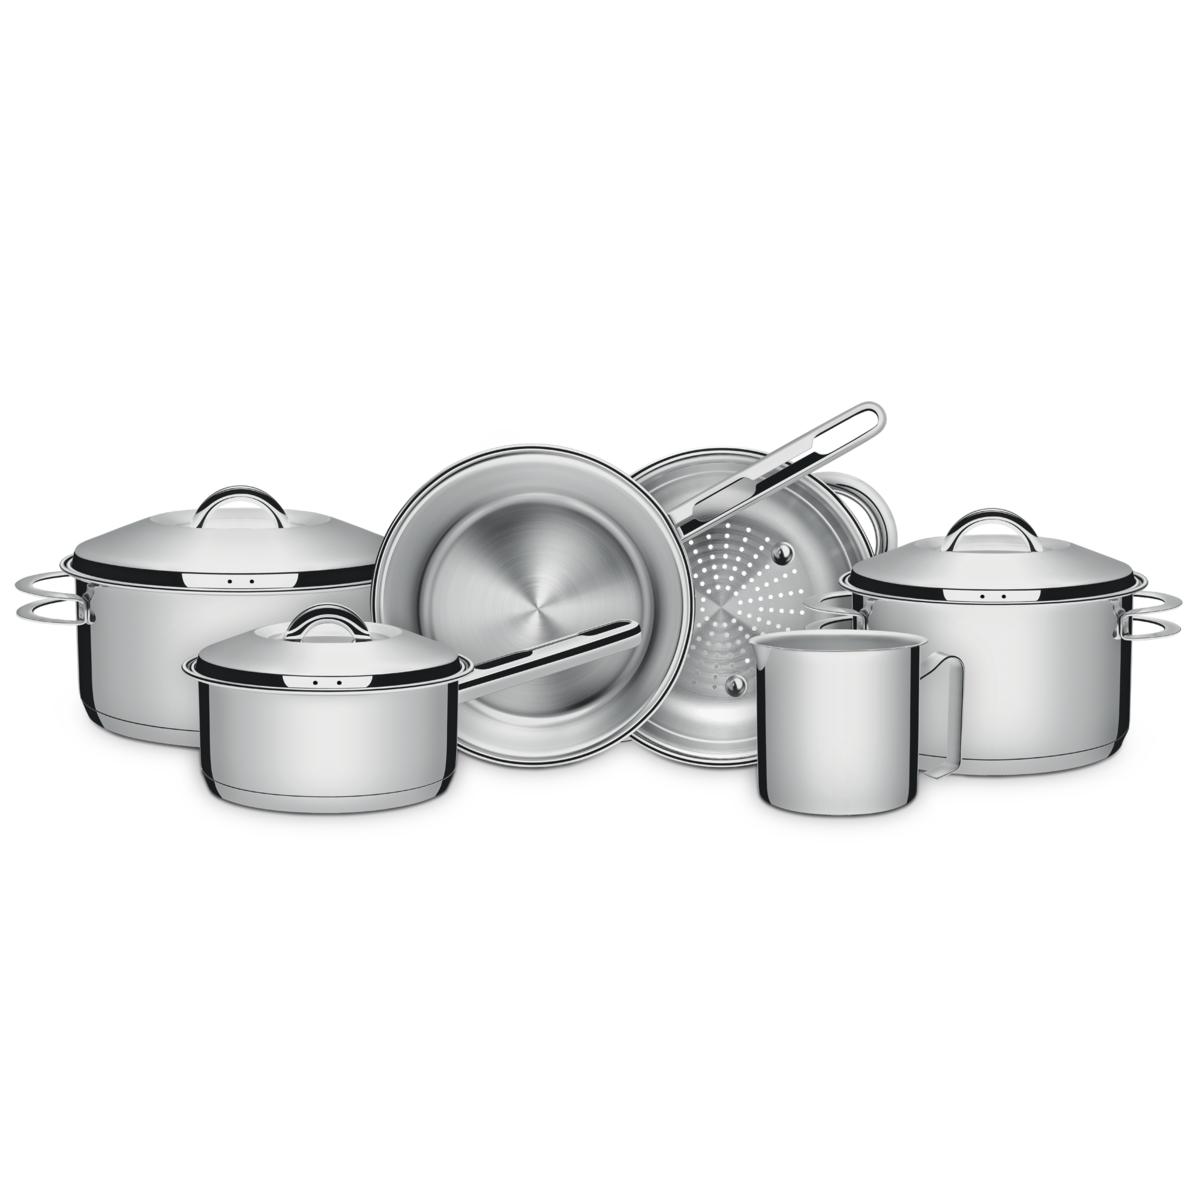 Tramontina - Batería de cocina acero inoxidable con fondo triple 6 pzas.